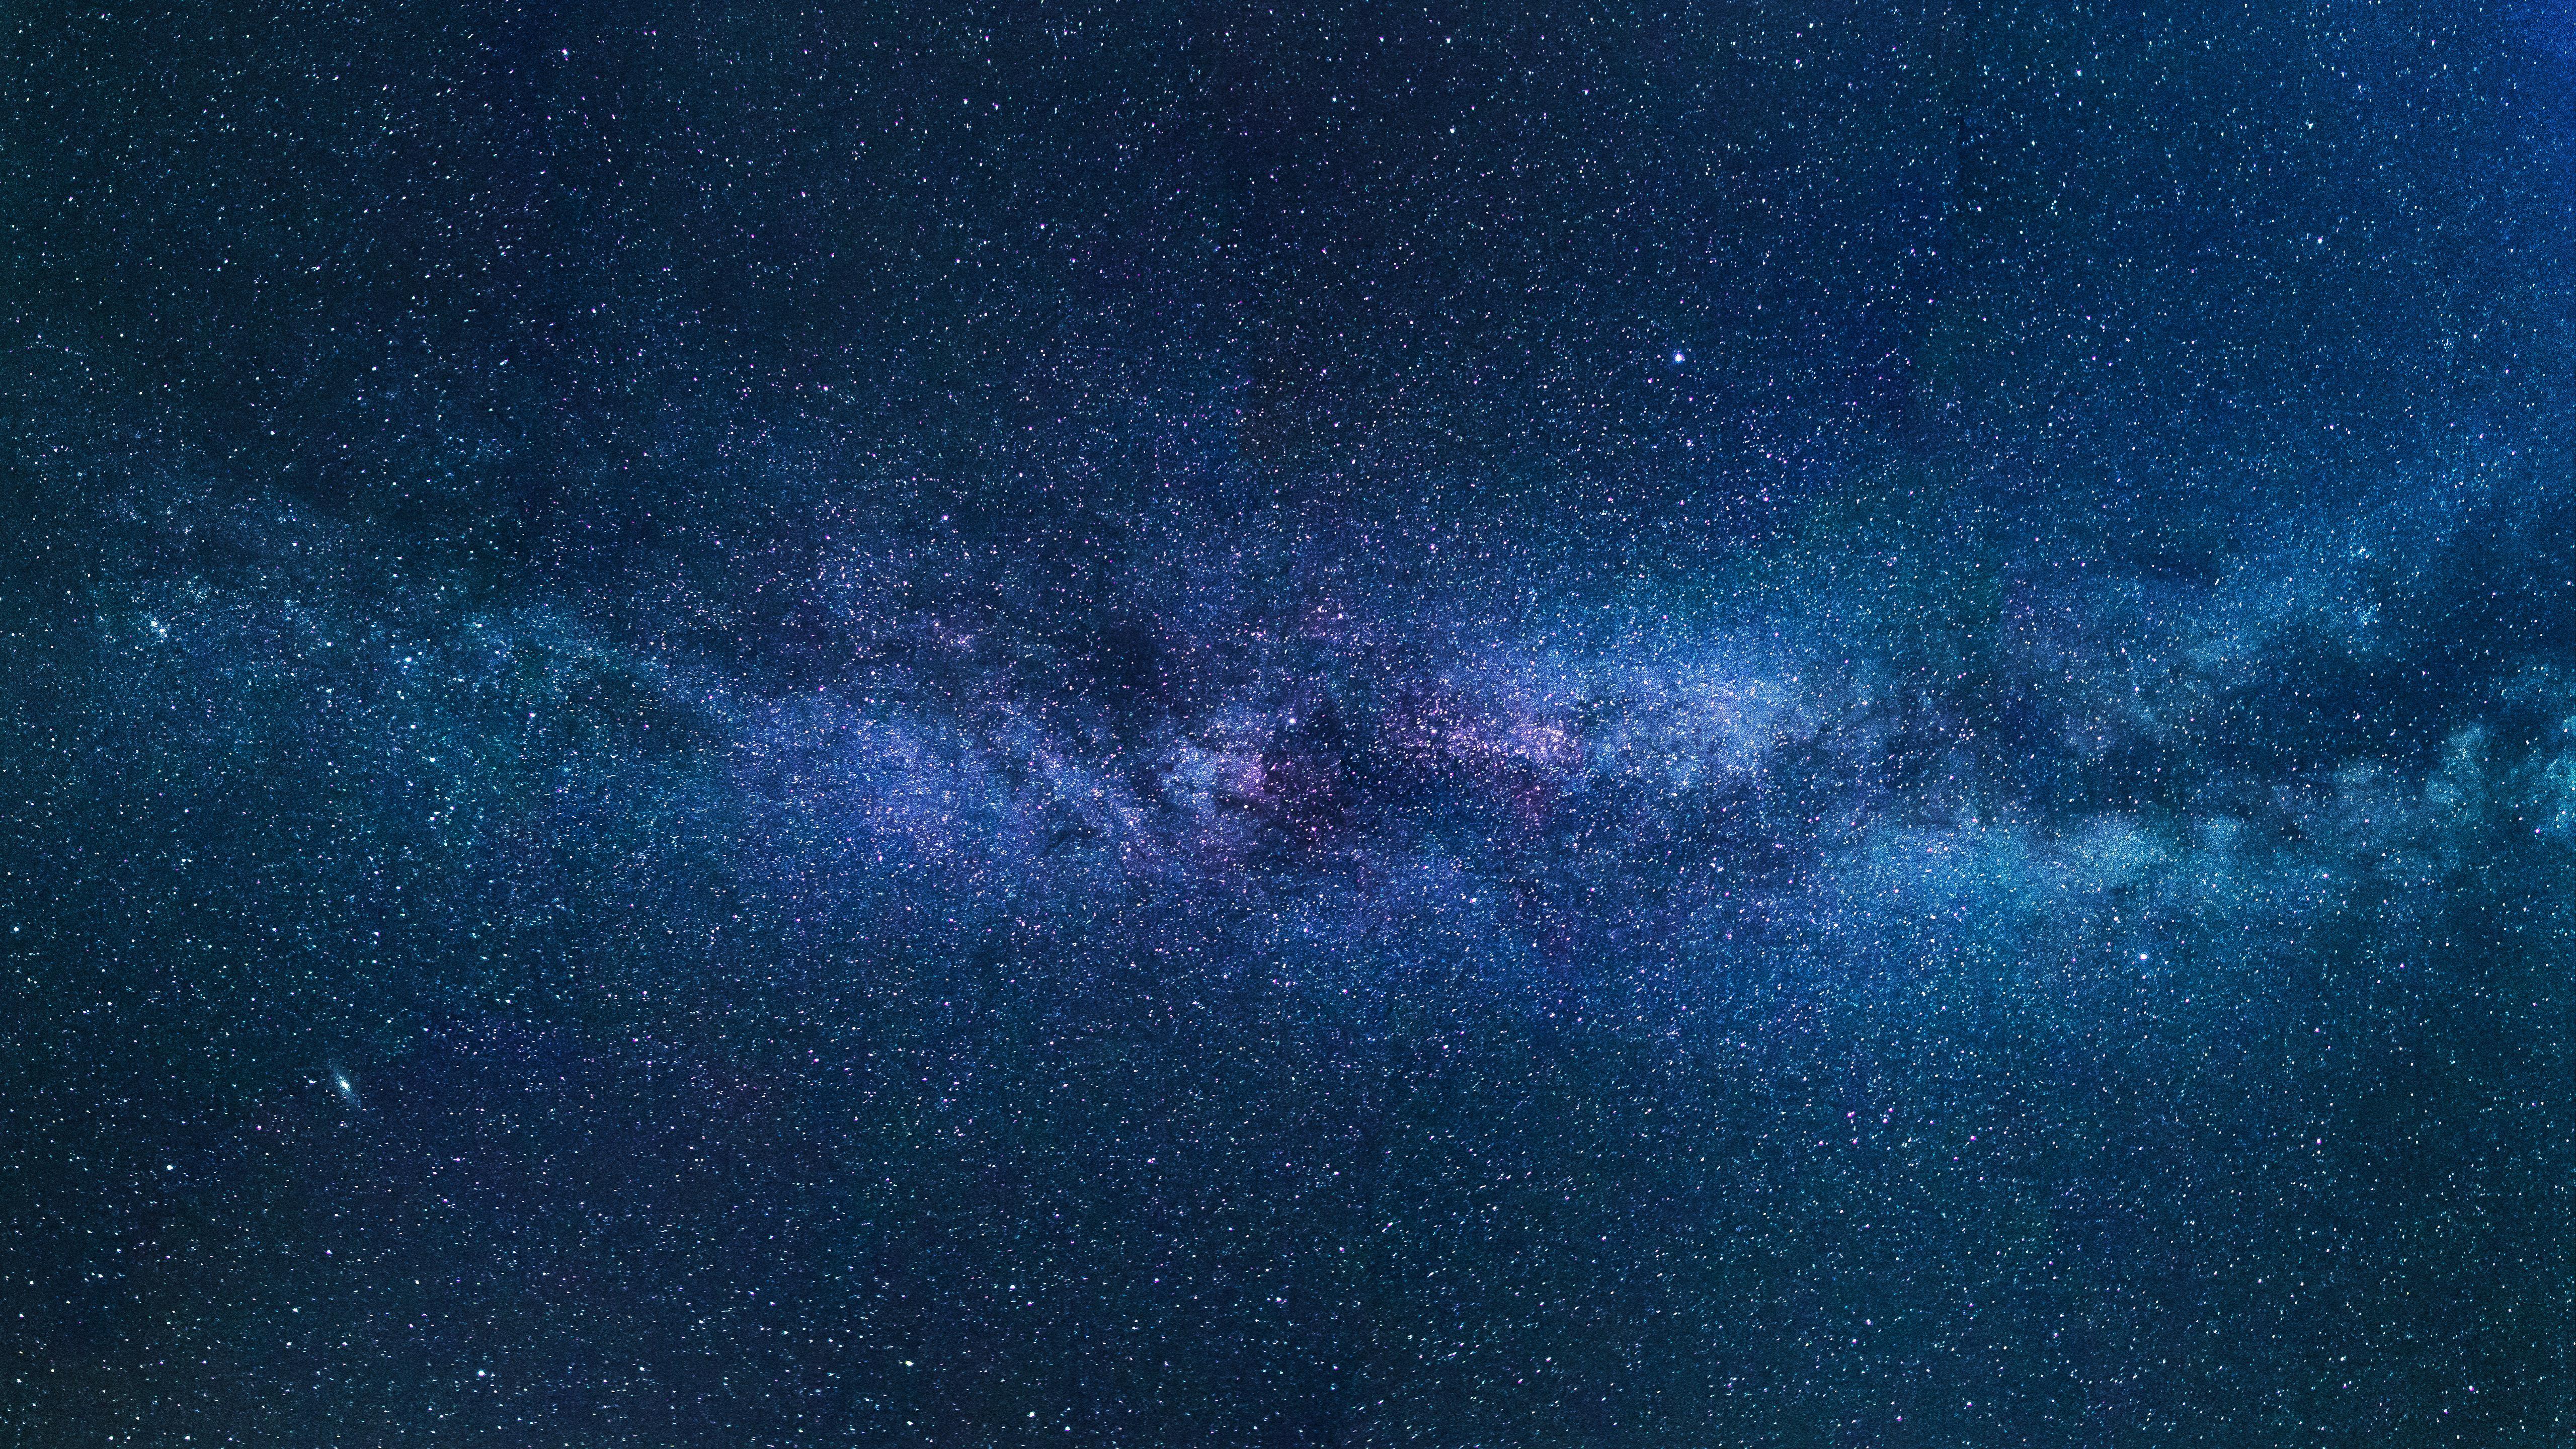 5120 x 2880] Milky Way wallpaper 5120x2880